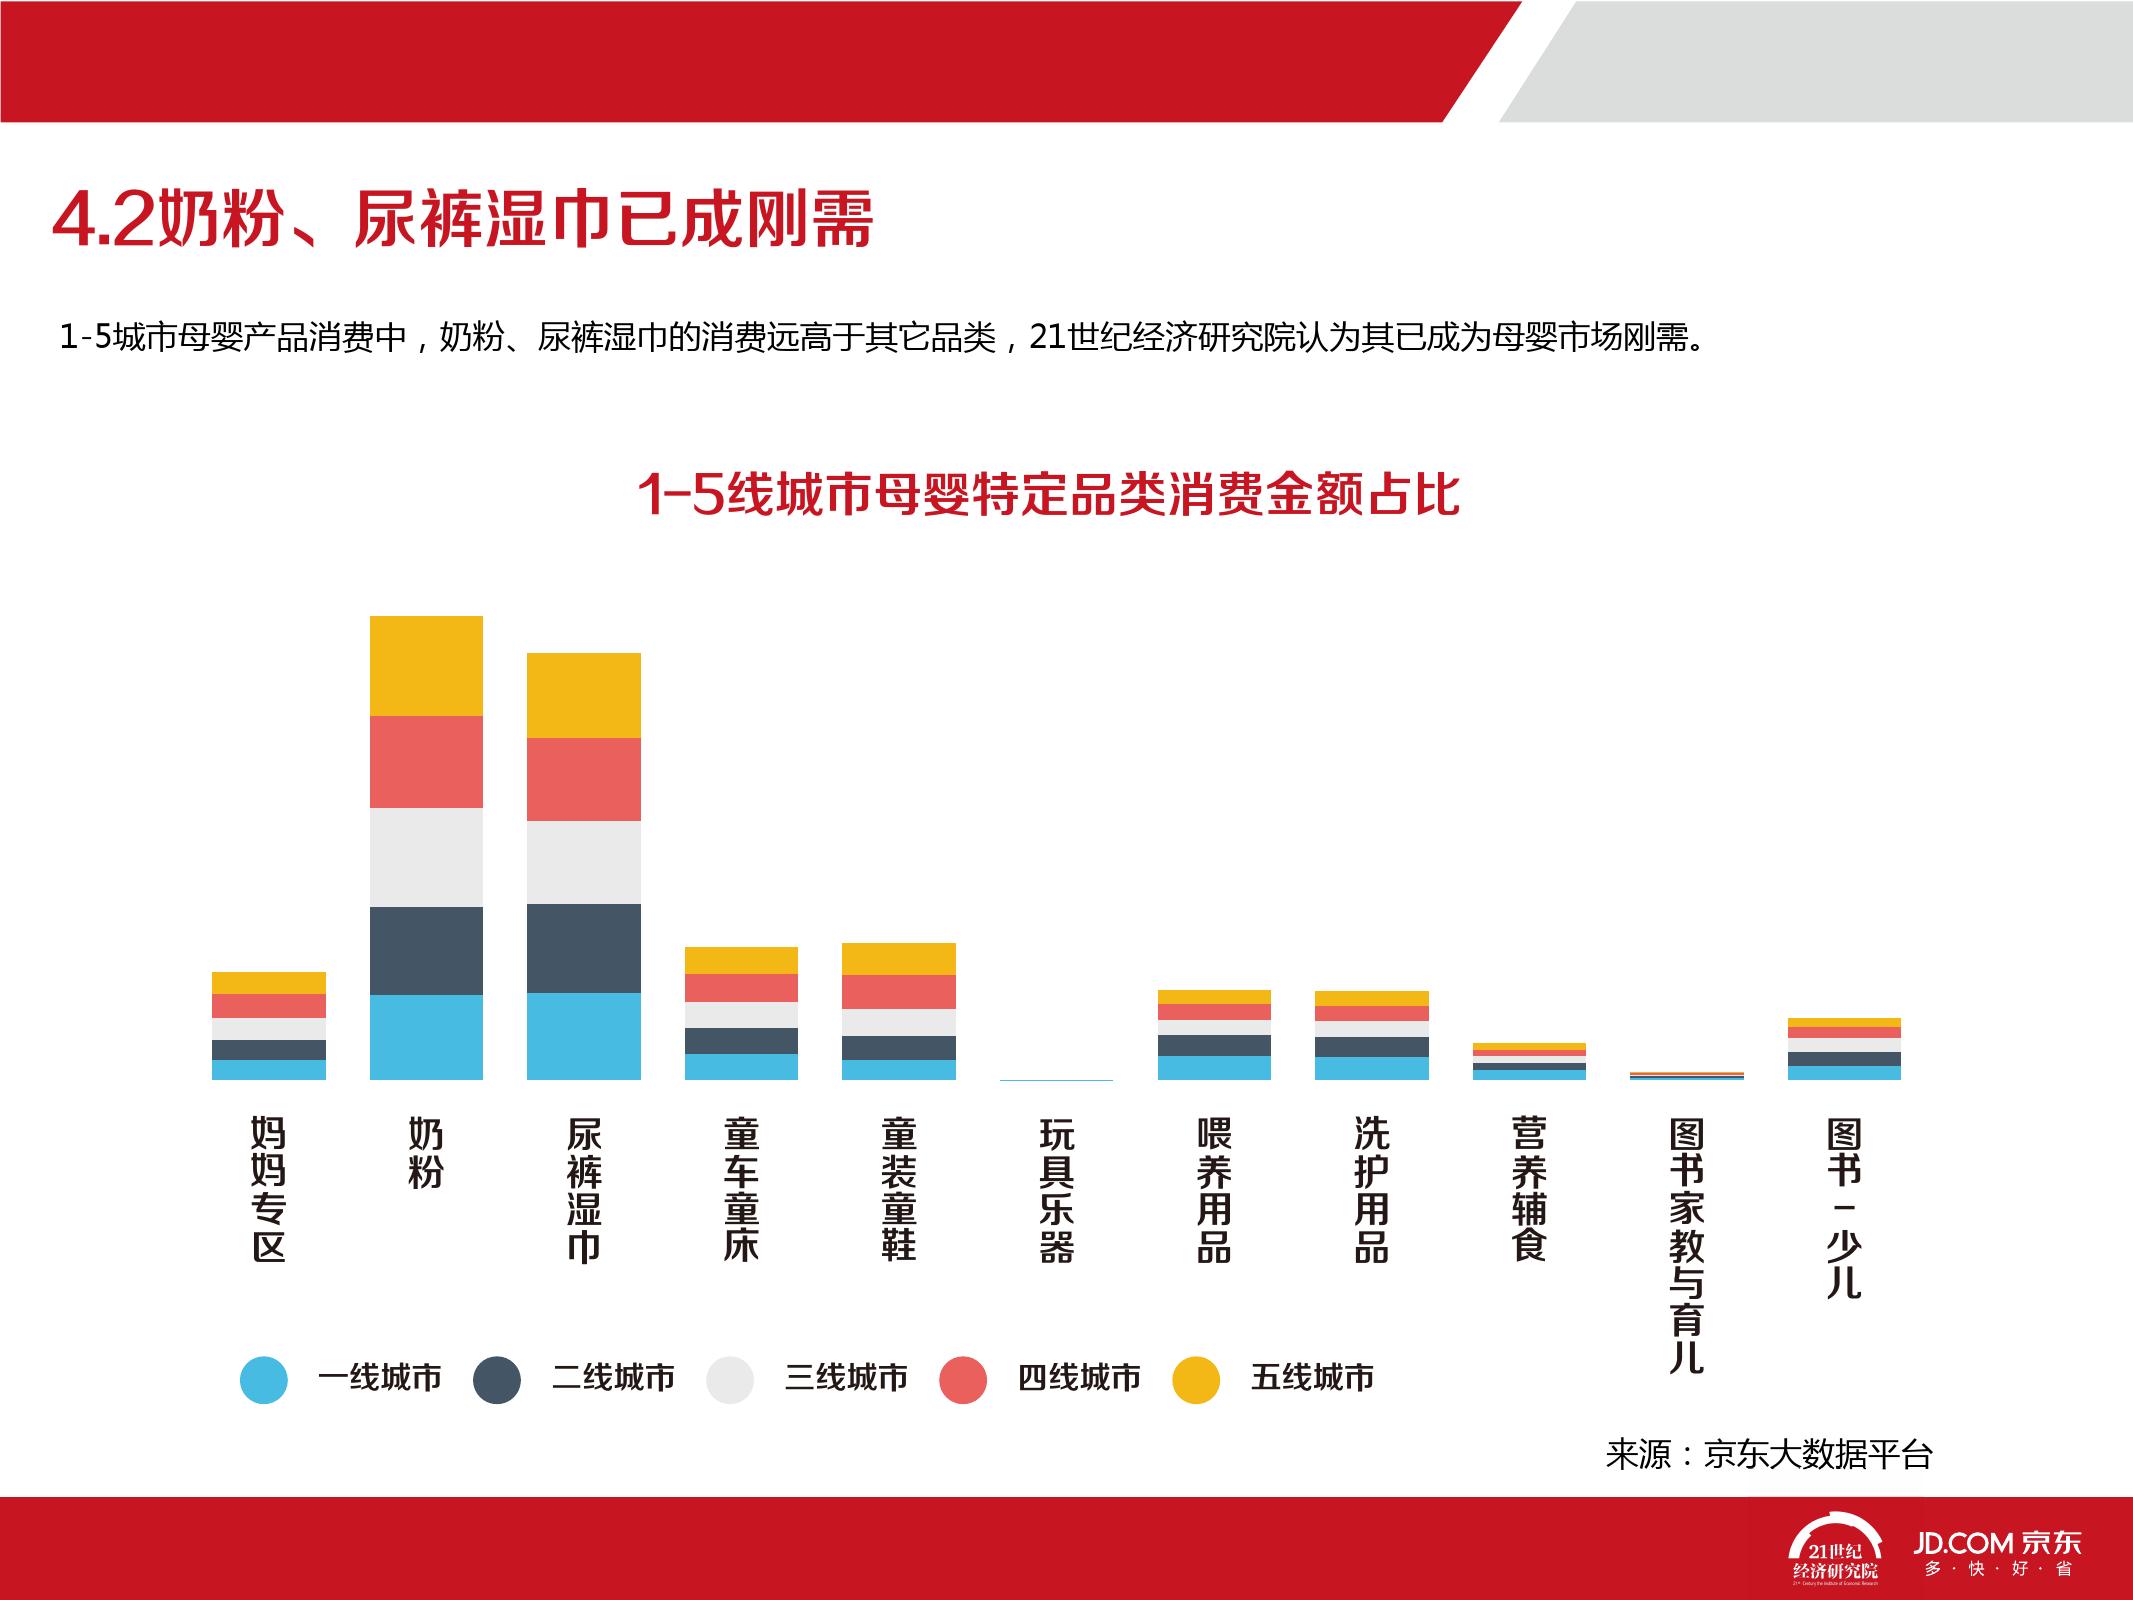 2016中国母婴产品消费趋势报告_000045